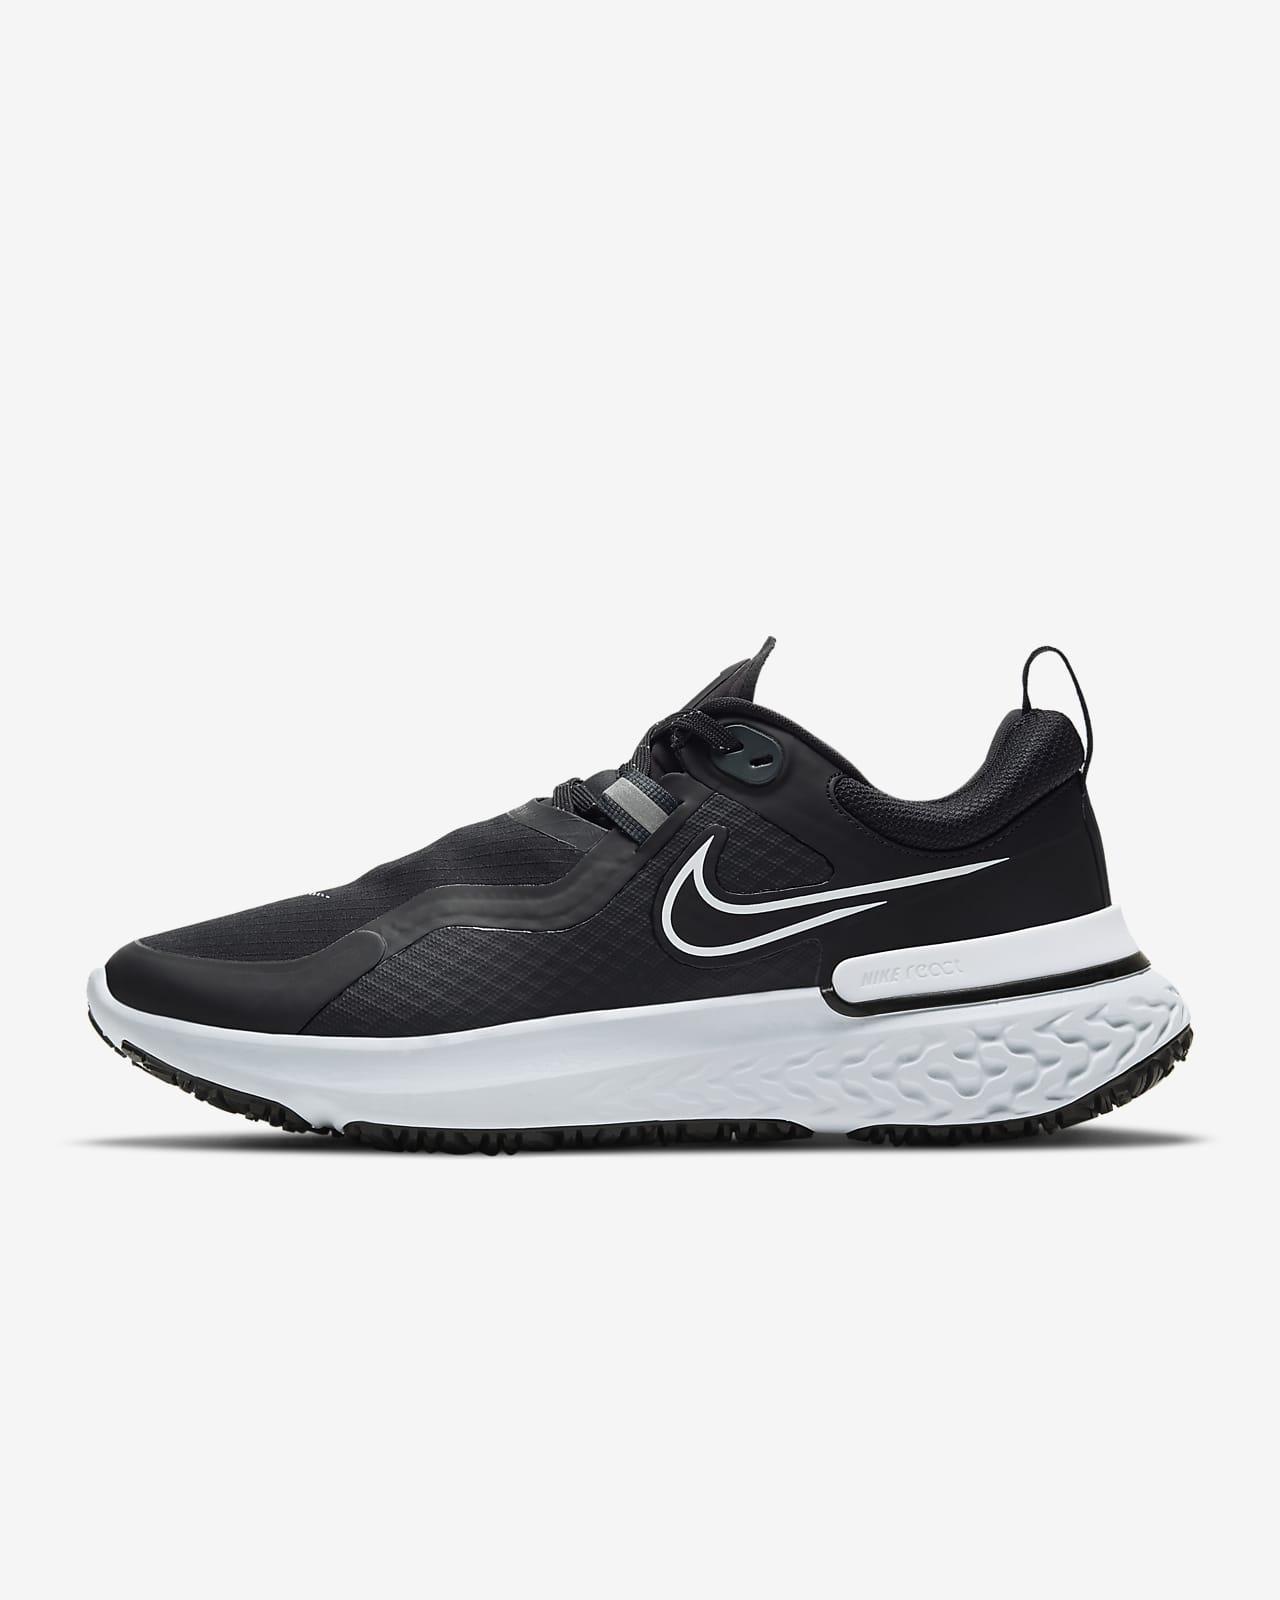 Nike React Miler Shield 女子跑步鞋